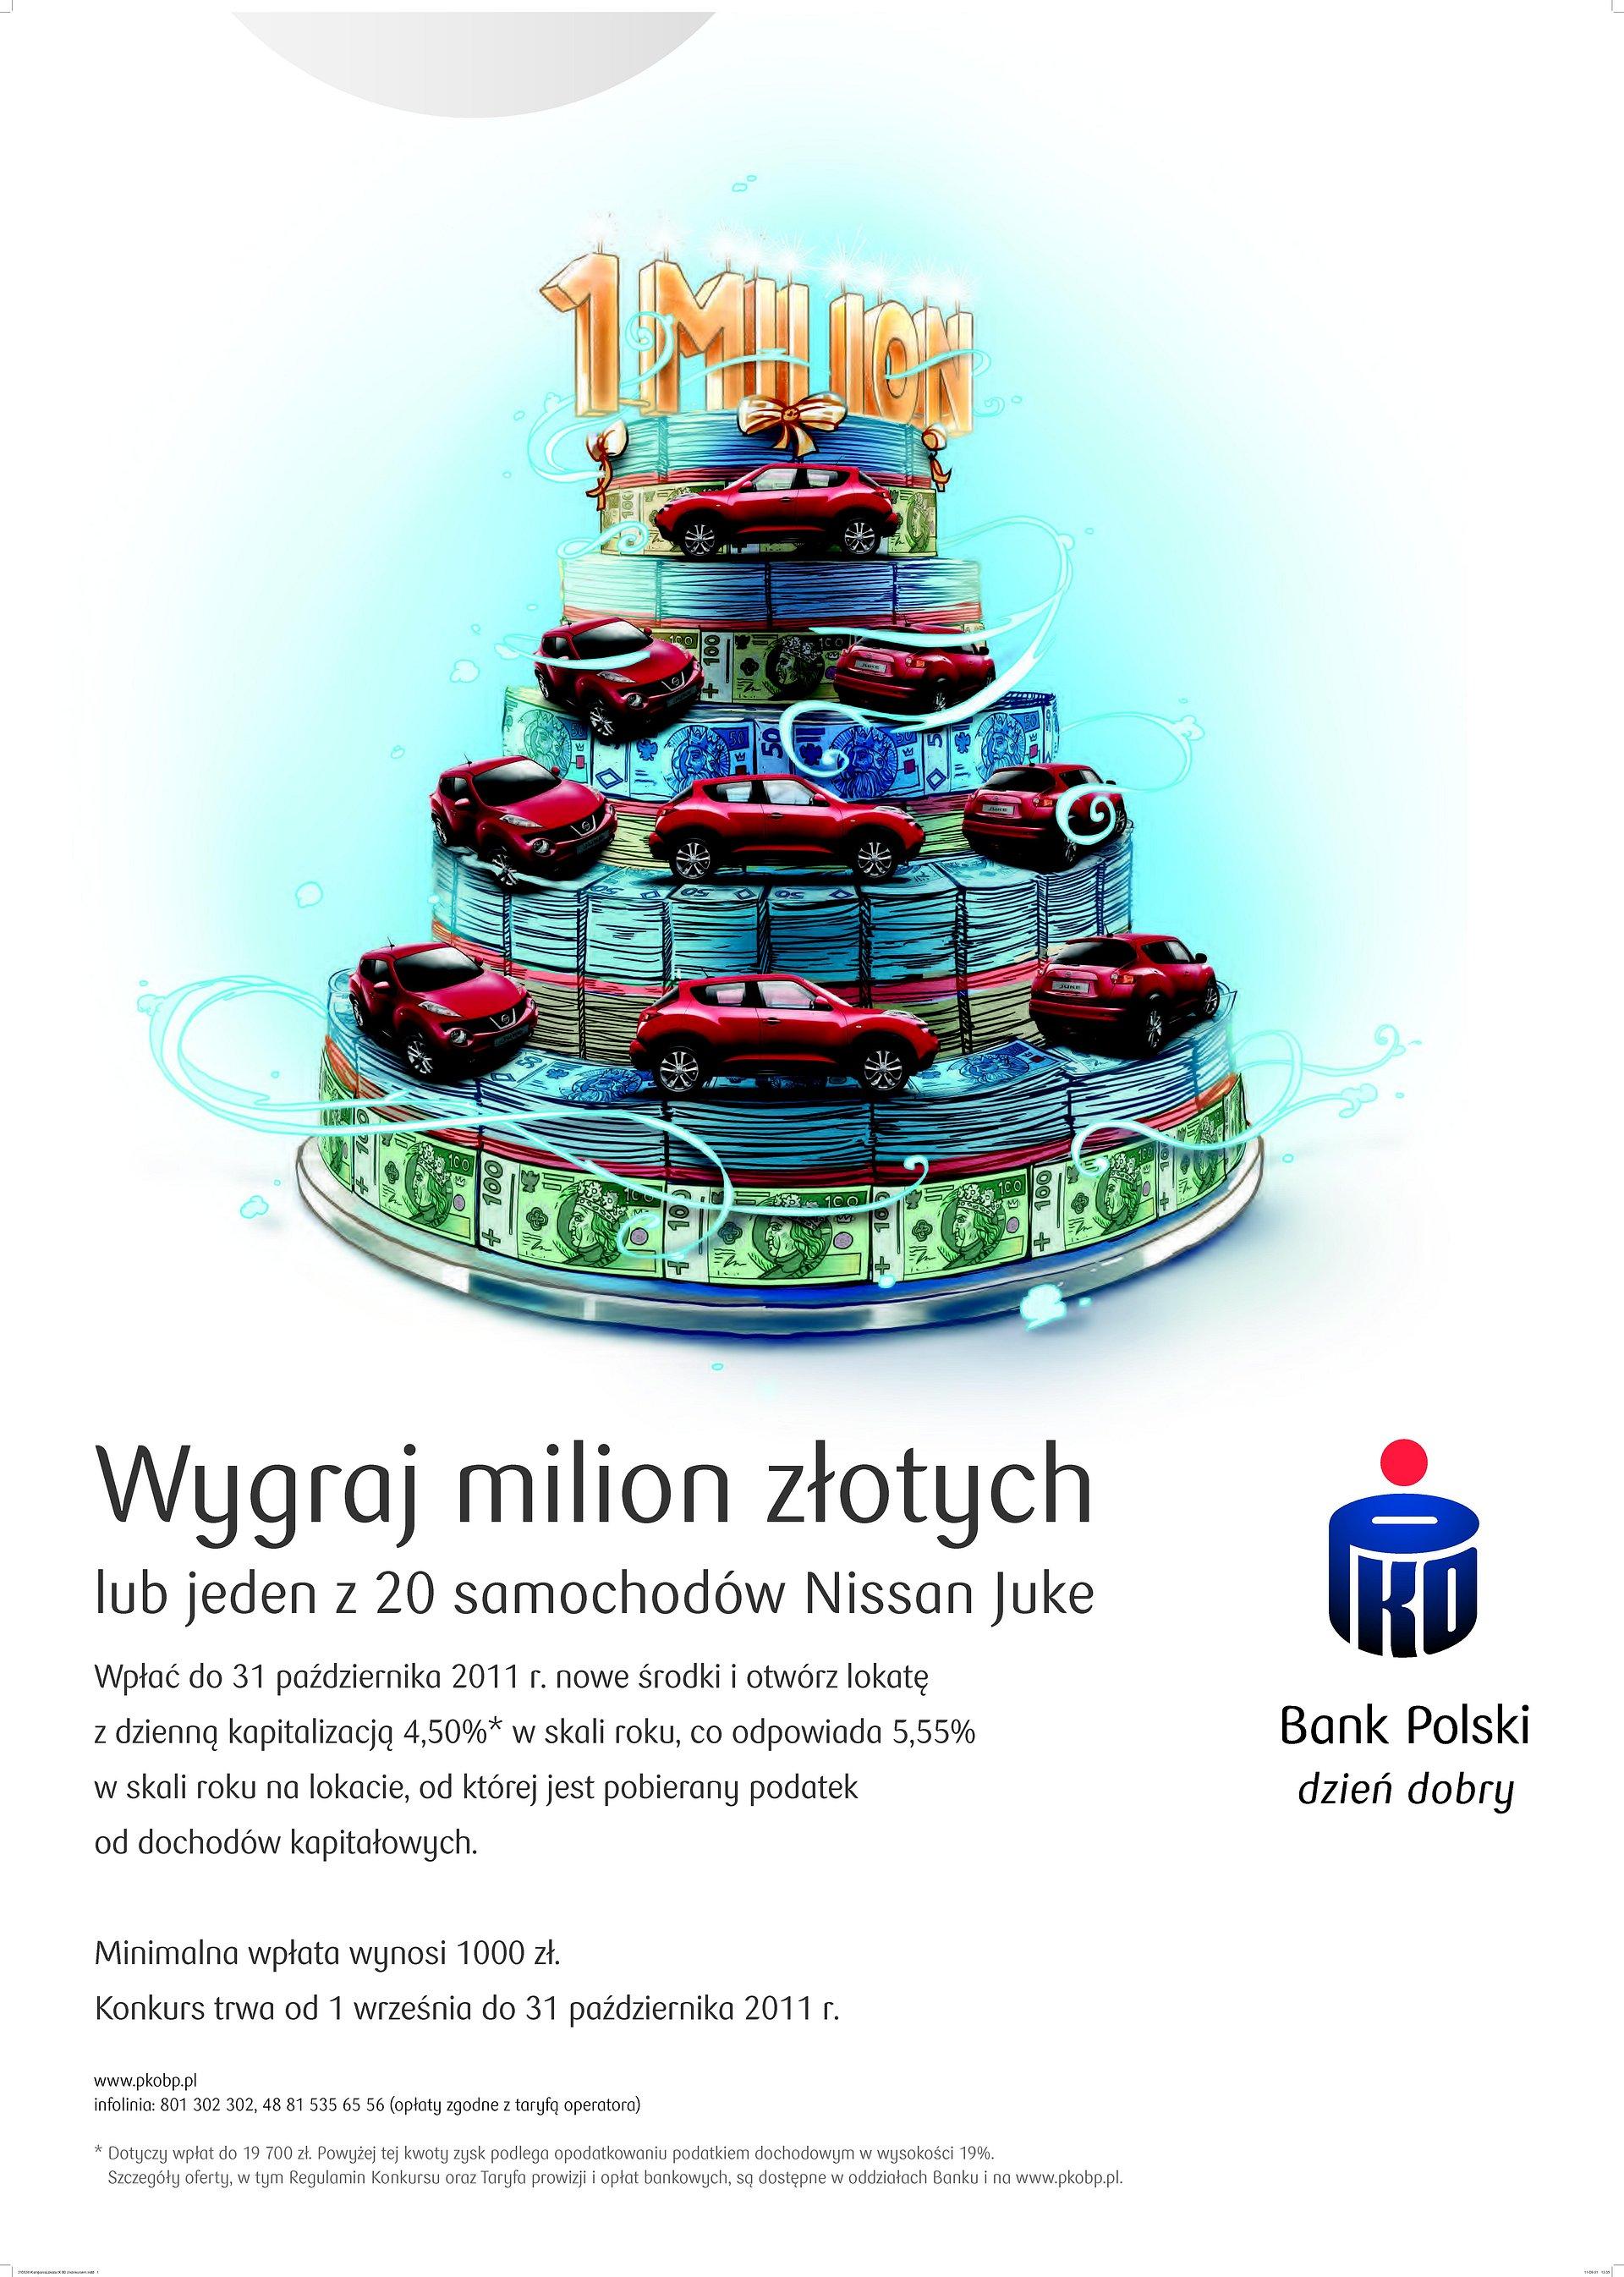 Wygraj milion lub Nissana Juke w konkursie PKO Banku Polskiego